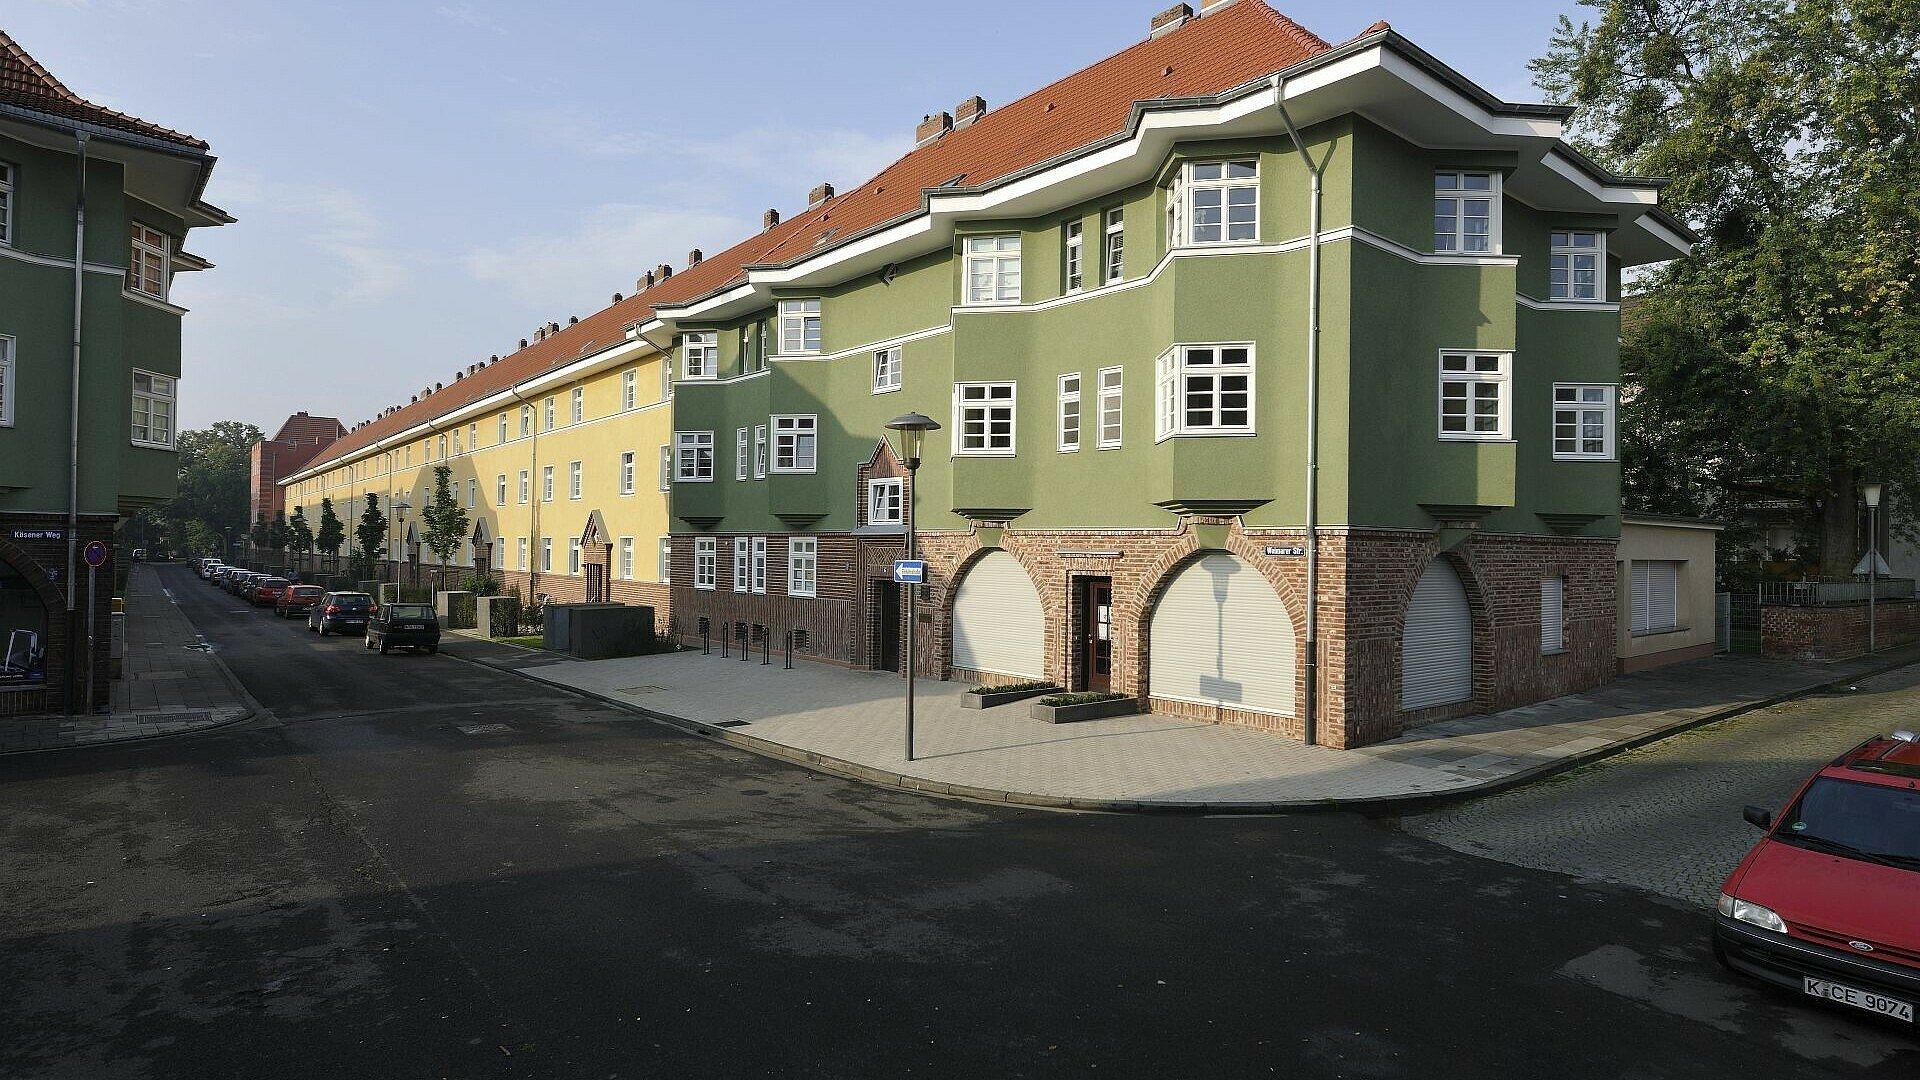 Museumswohnung von außen in der Germaniasiedlung in Höhenberg